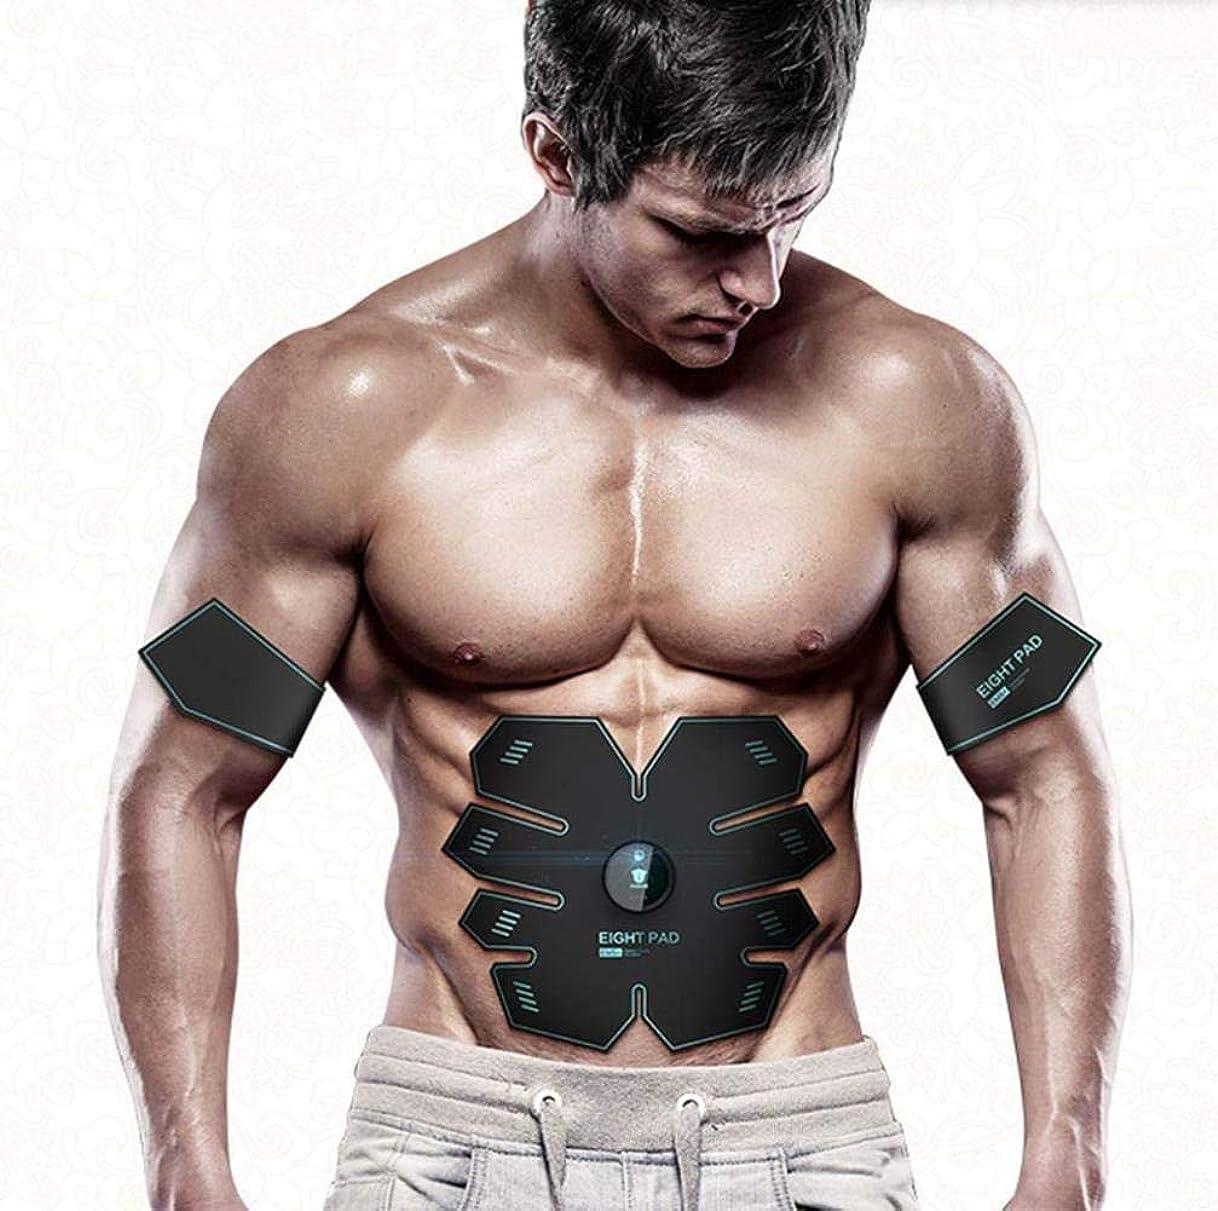 コミットめったに段落KTYXDE 腹筋スティック家族怠惰な運動筋肉トレーナー、ロール腹部マシン薄い腹筋運動腹部機器 - 充電式